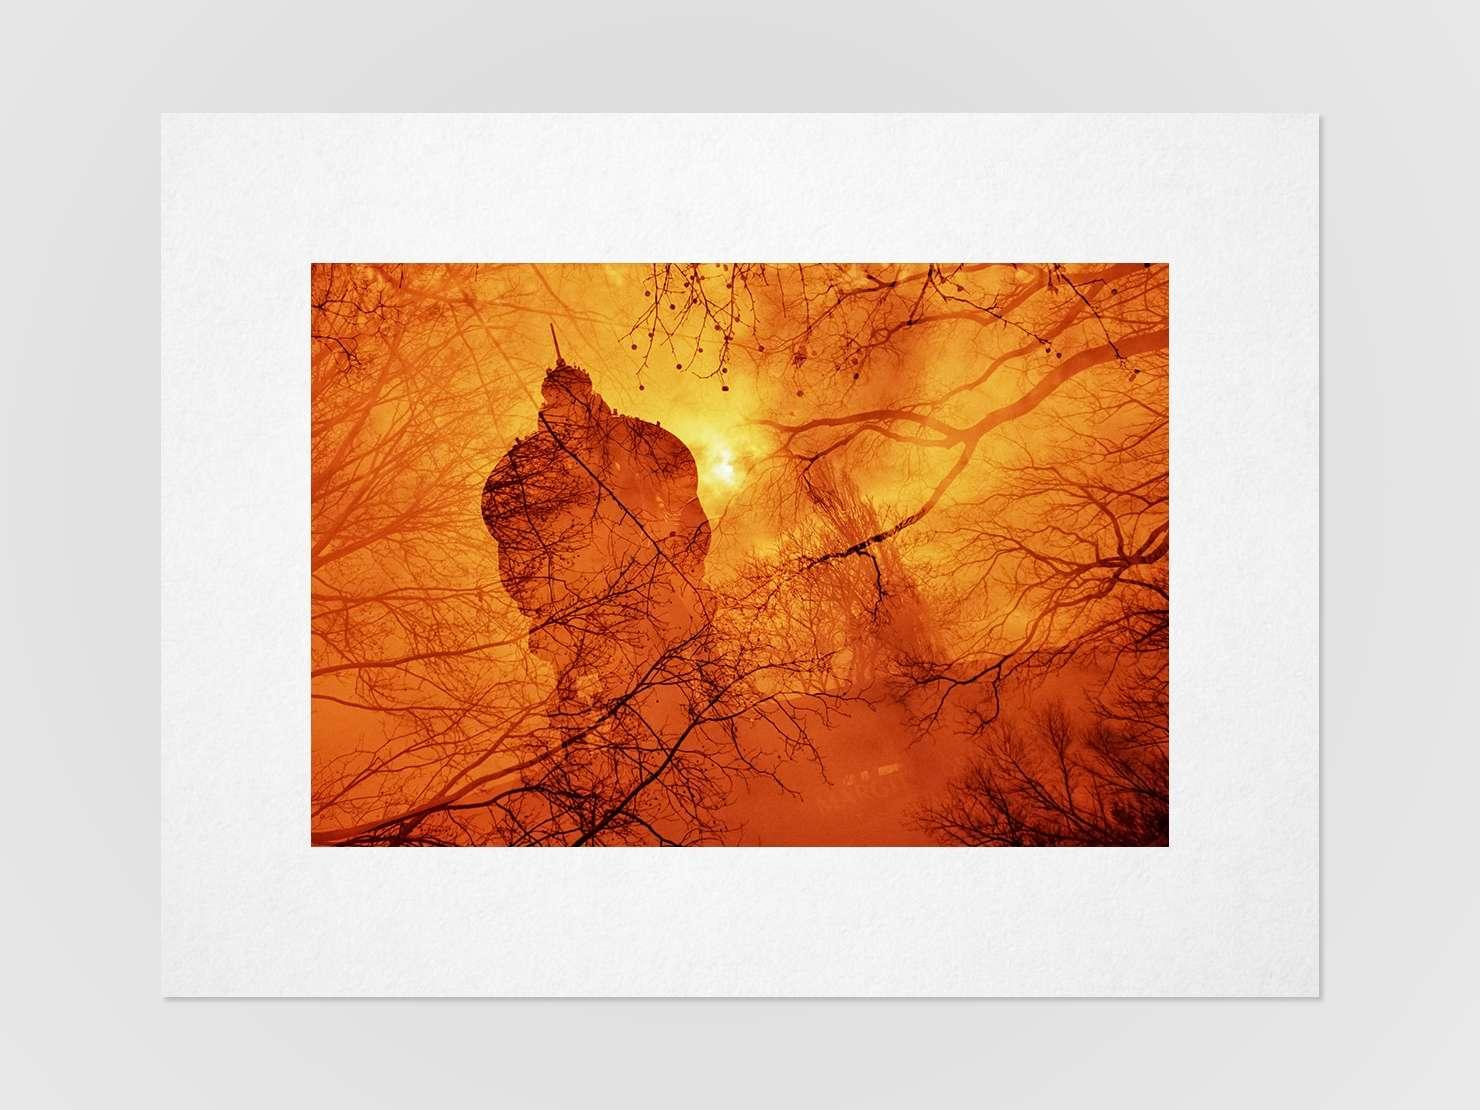 Druckansicht: Mehrfachbelichtung eines Leuchtturms mit Bäumen